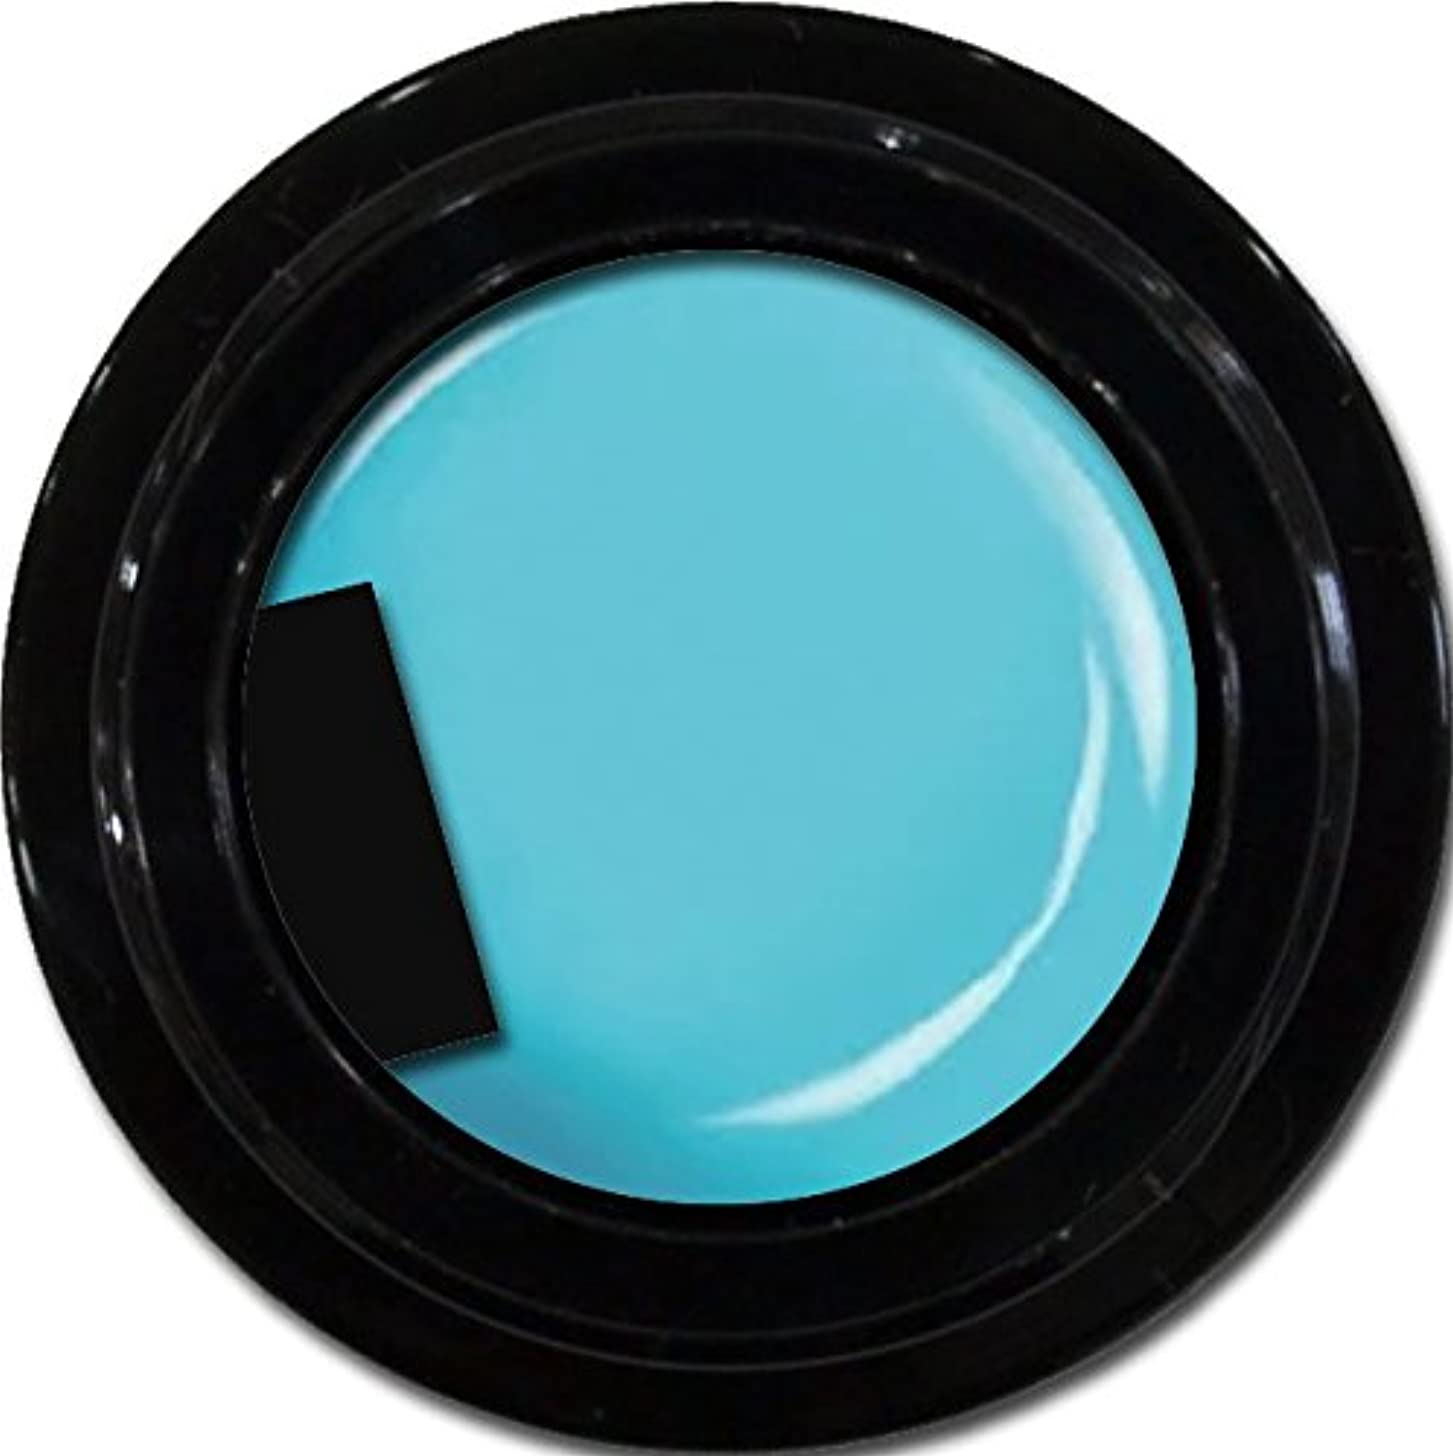 ステンレスプロットバイパスカラージェル enchant color gel M706 Turquoise 3g/ マットカラージェル M706 ターコイズ 3グラム